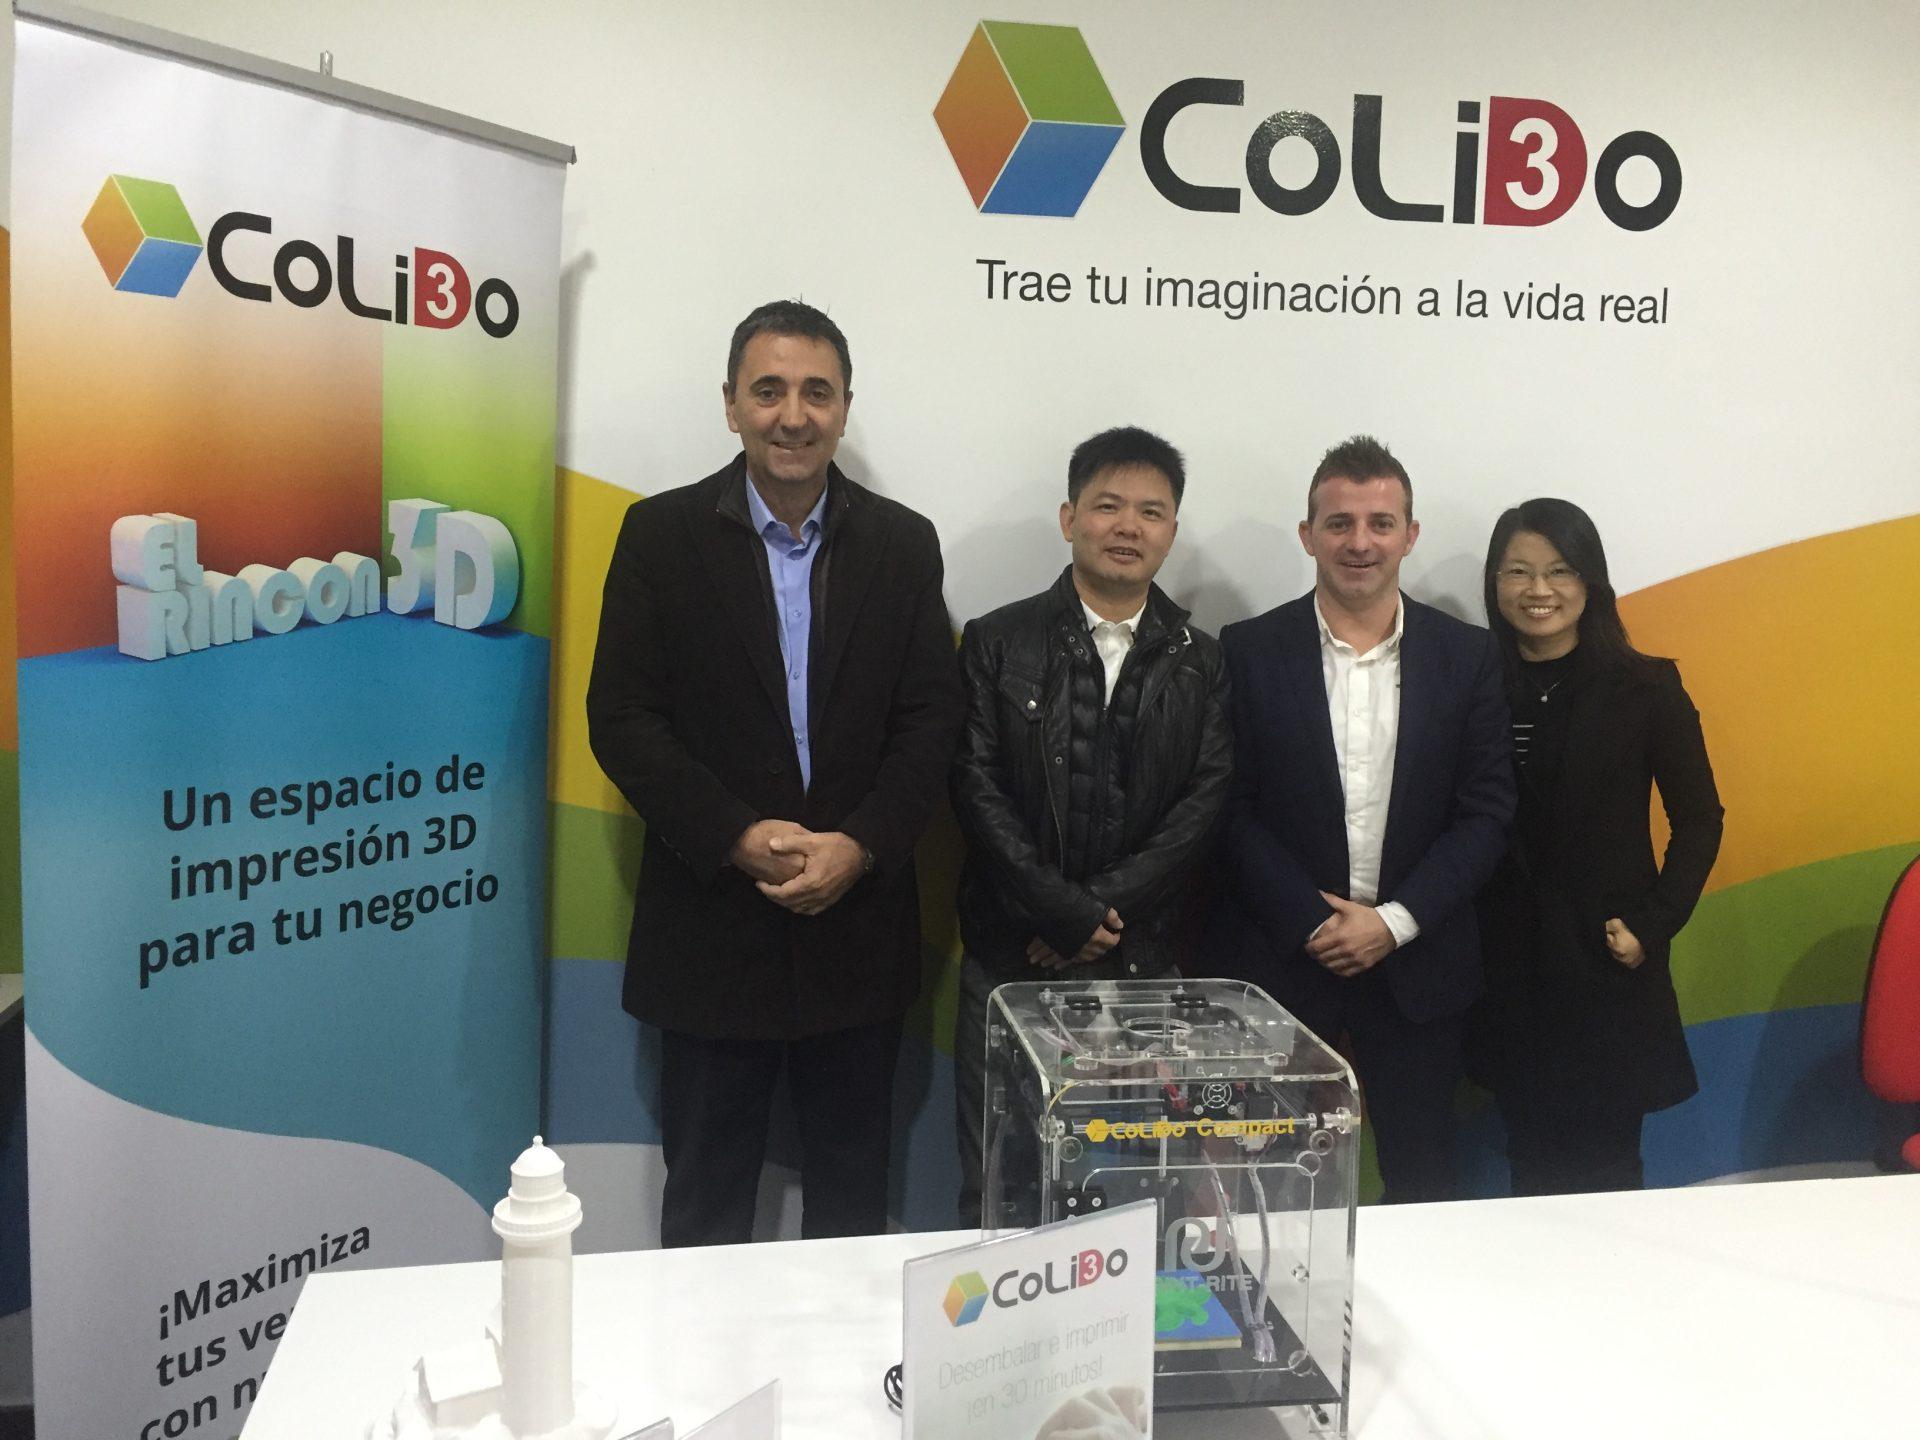 CoLiDo Ibérica: Referencia Internacional Para Las Impresoras 3D De CoLiDo